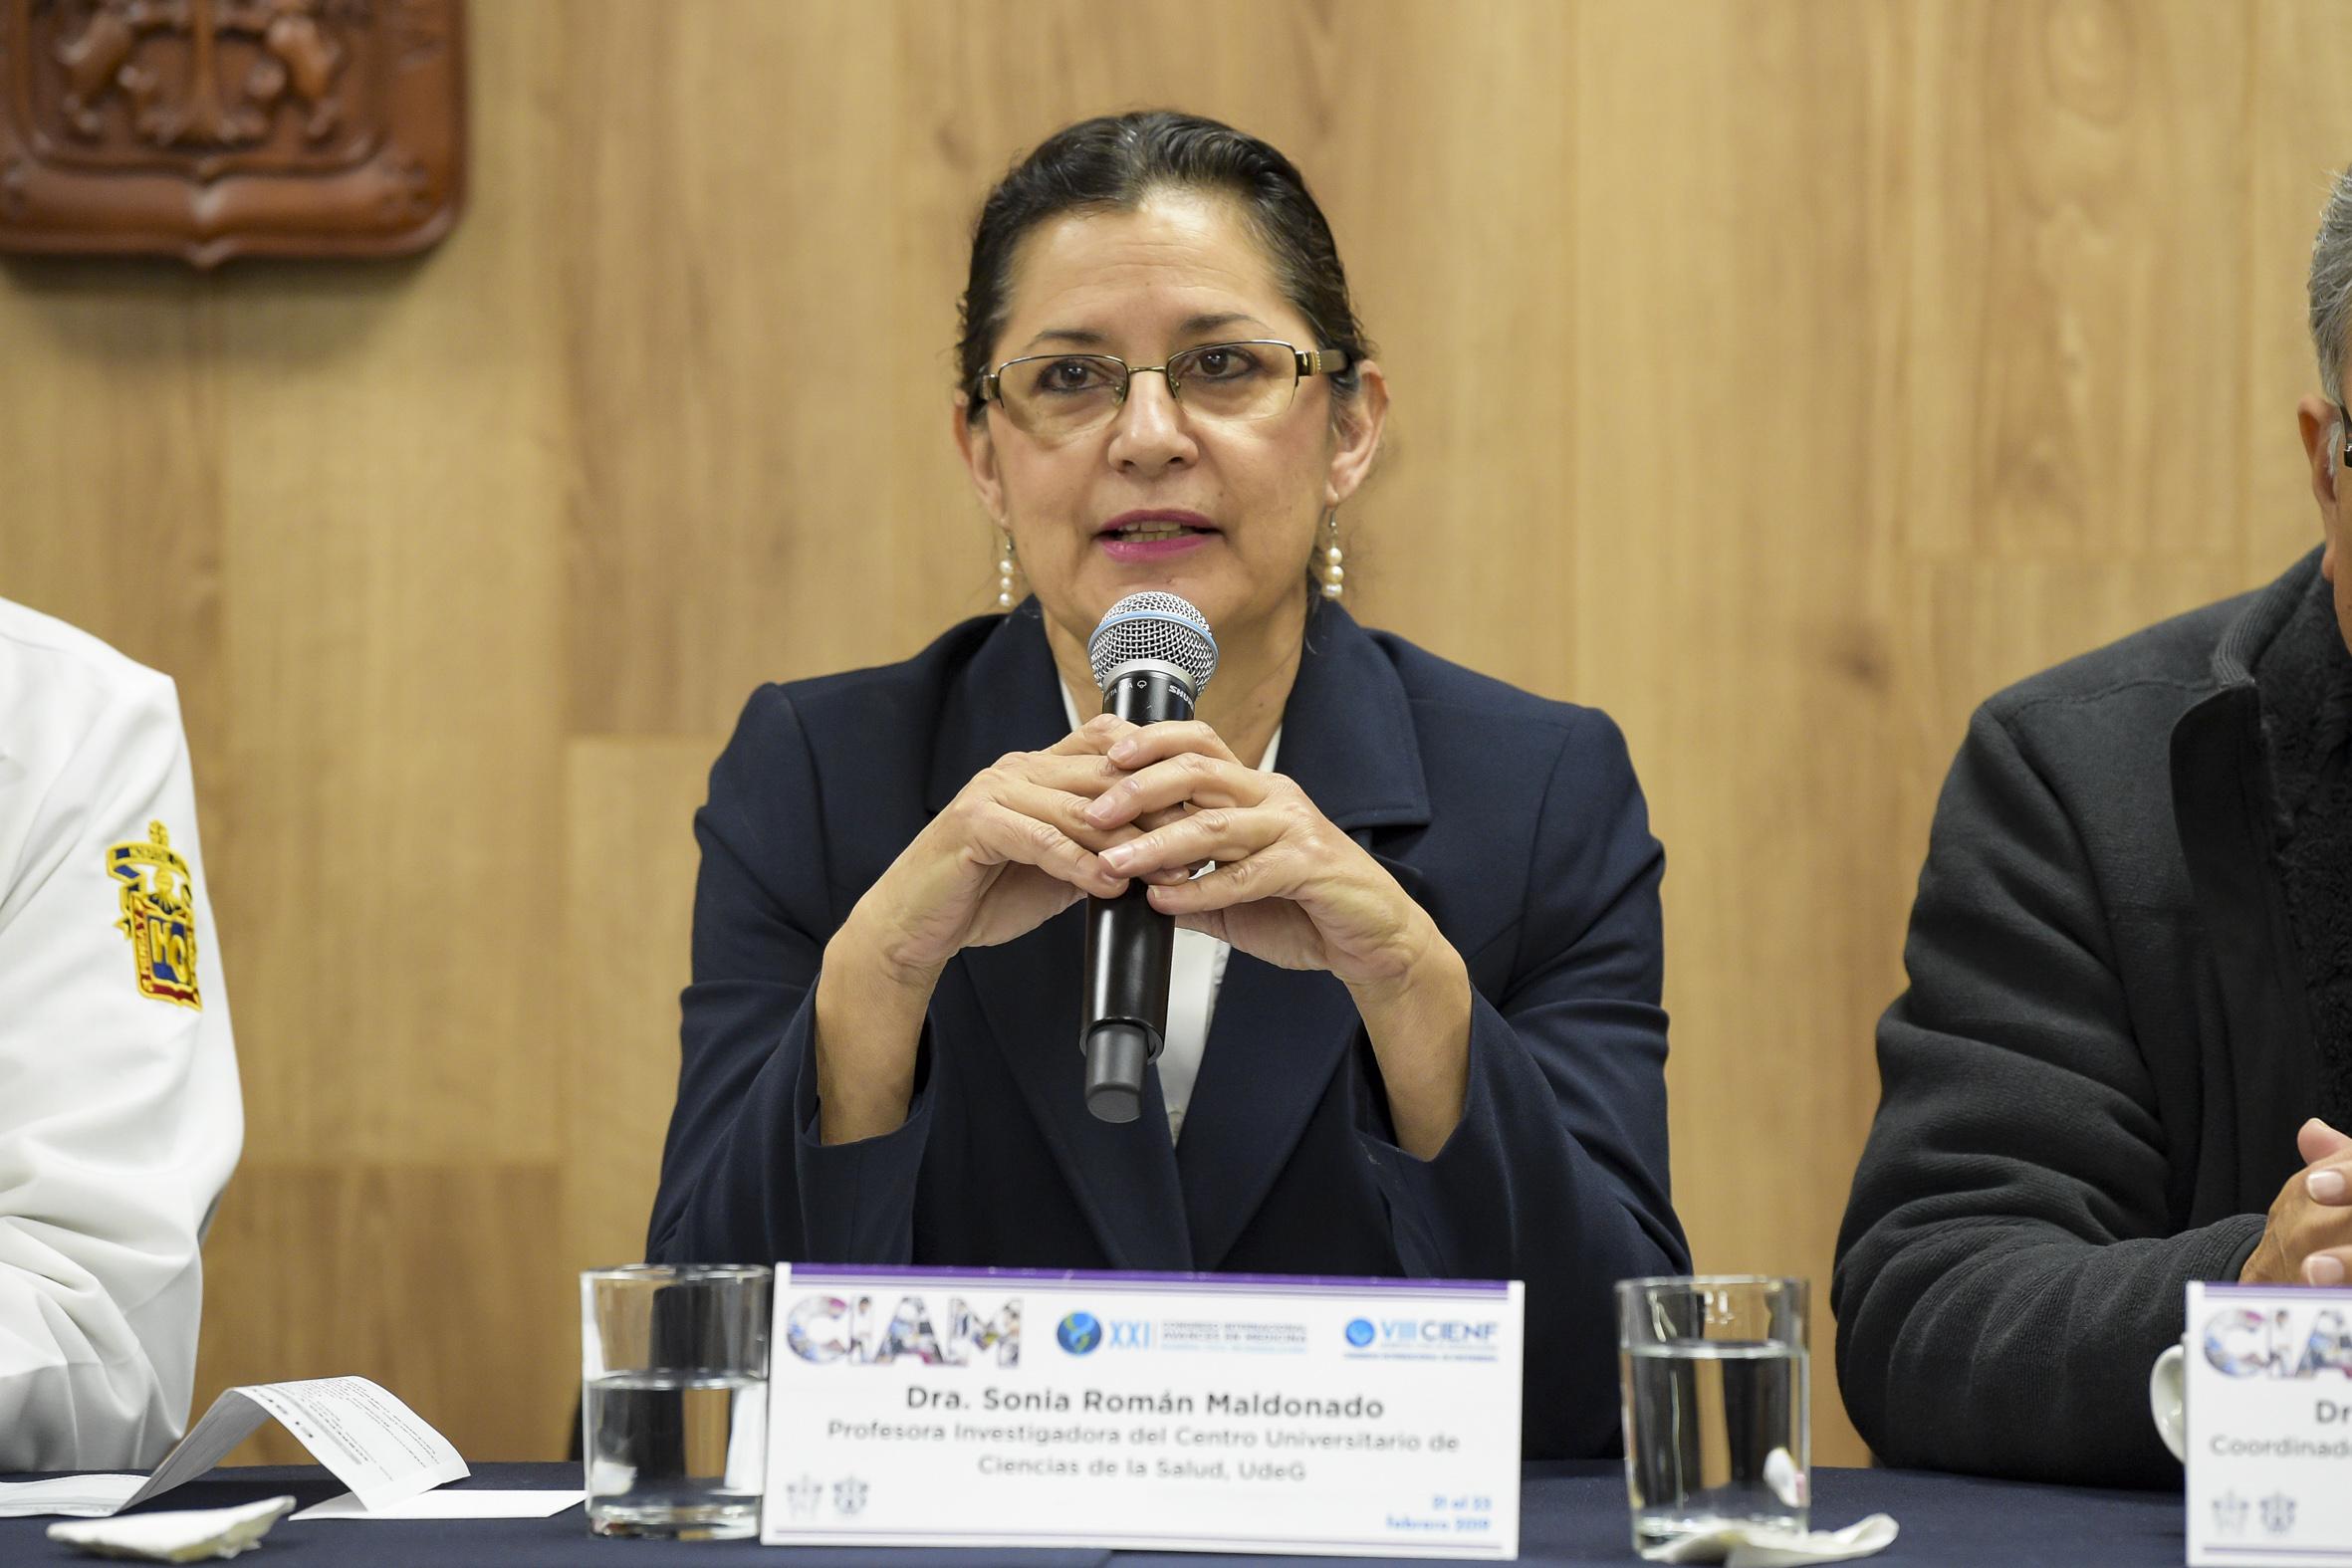 Profesora investigadora del Centro Universitario de Ciencias de la Salud (CUCS), doctora Sonia Román Maldonado, hablando frente al micrófono durante la rueda de prensa